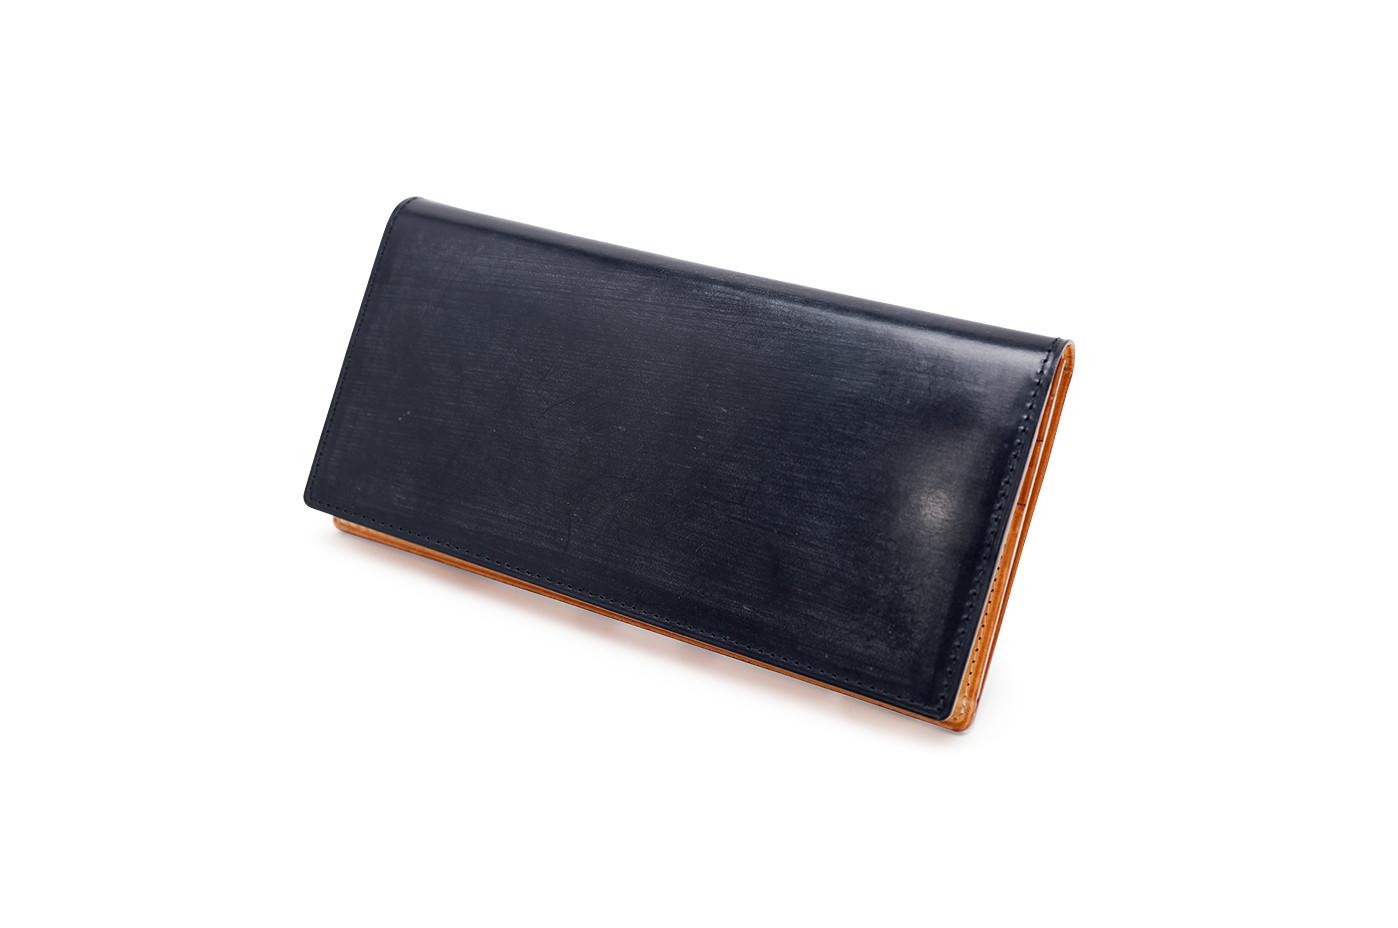 ガンゾ GANZO THIN BRIDLE (シンブライドル) ファスナー 小銭入れ付き 長財布 メンズ 財布 かぶせ ネイビー